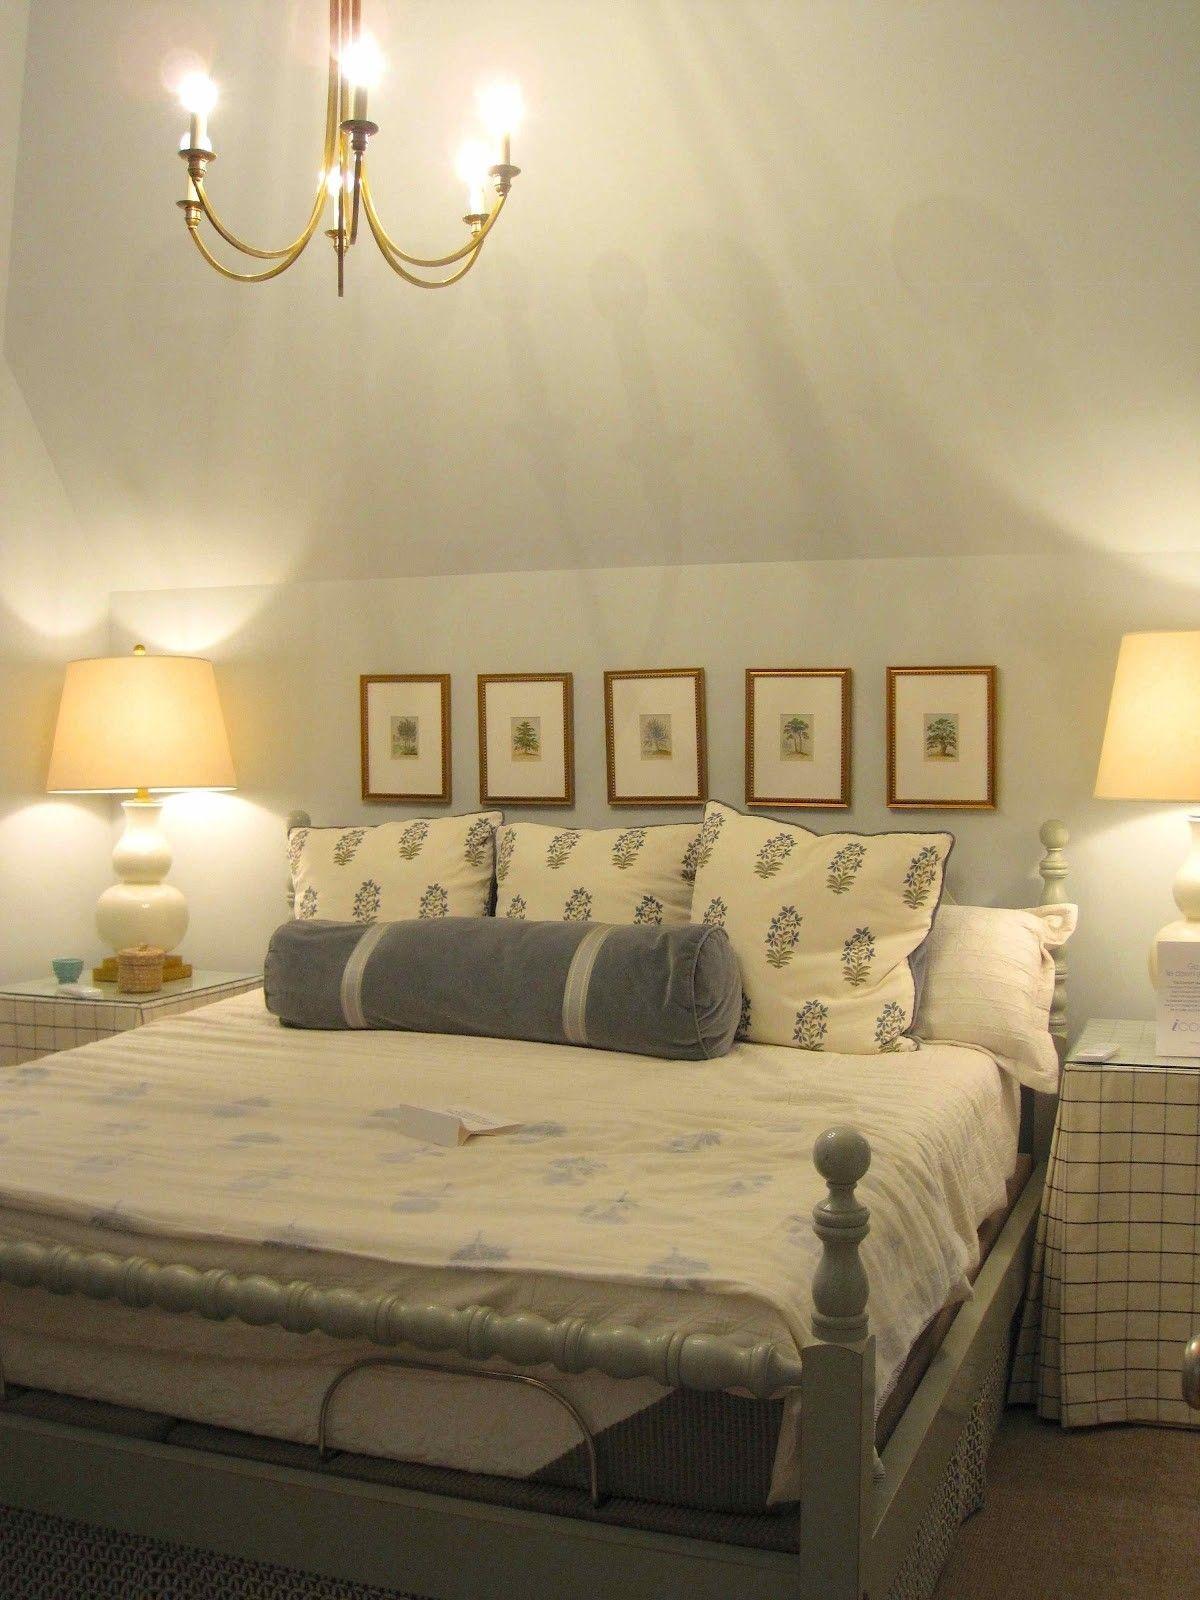 Nachttisch Lampen Hängen Von Der Decke Pendel Leuchten